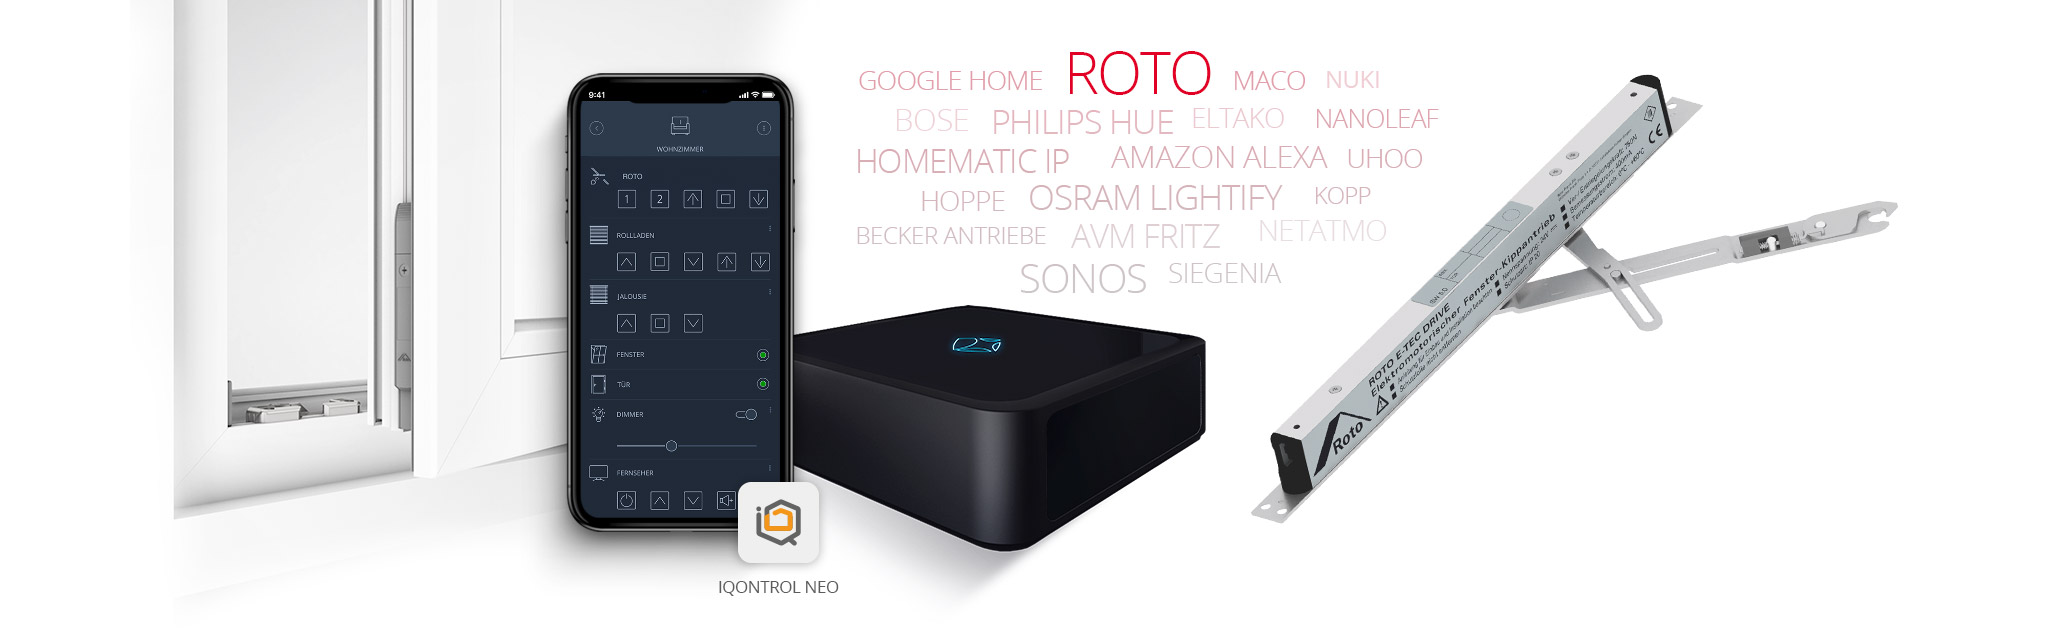 Mediola verbindet Roto FTT mit vielen weiteren Marken/ Geräten